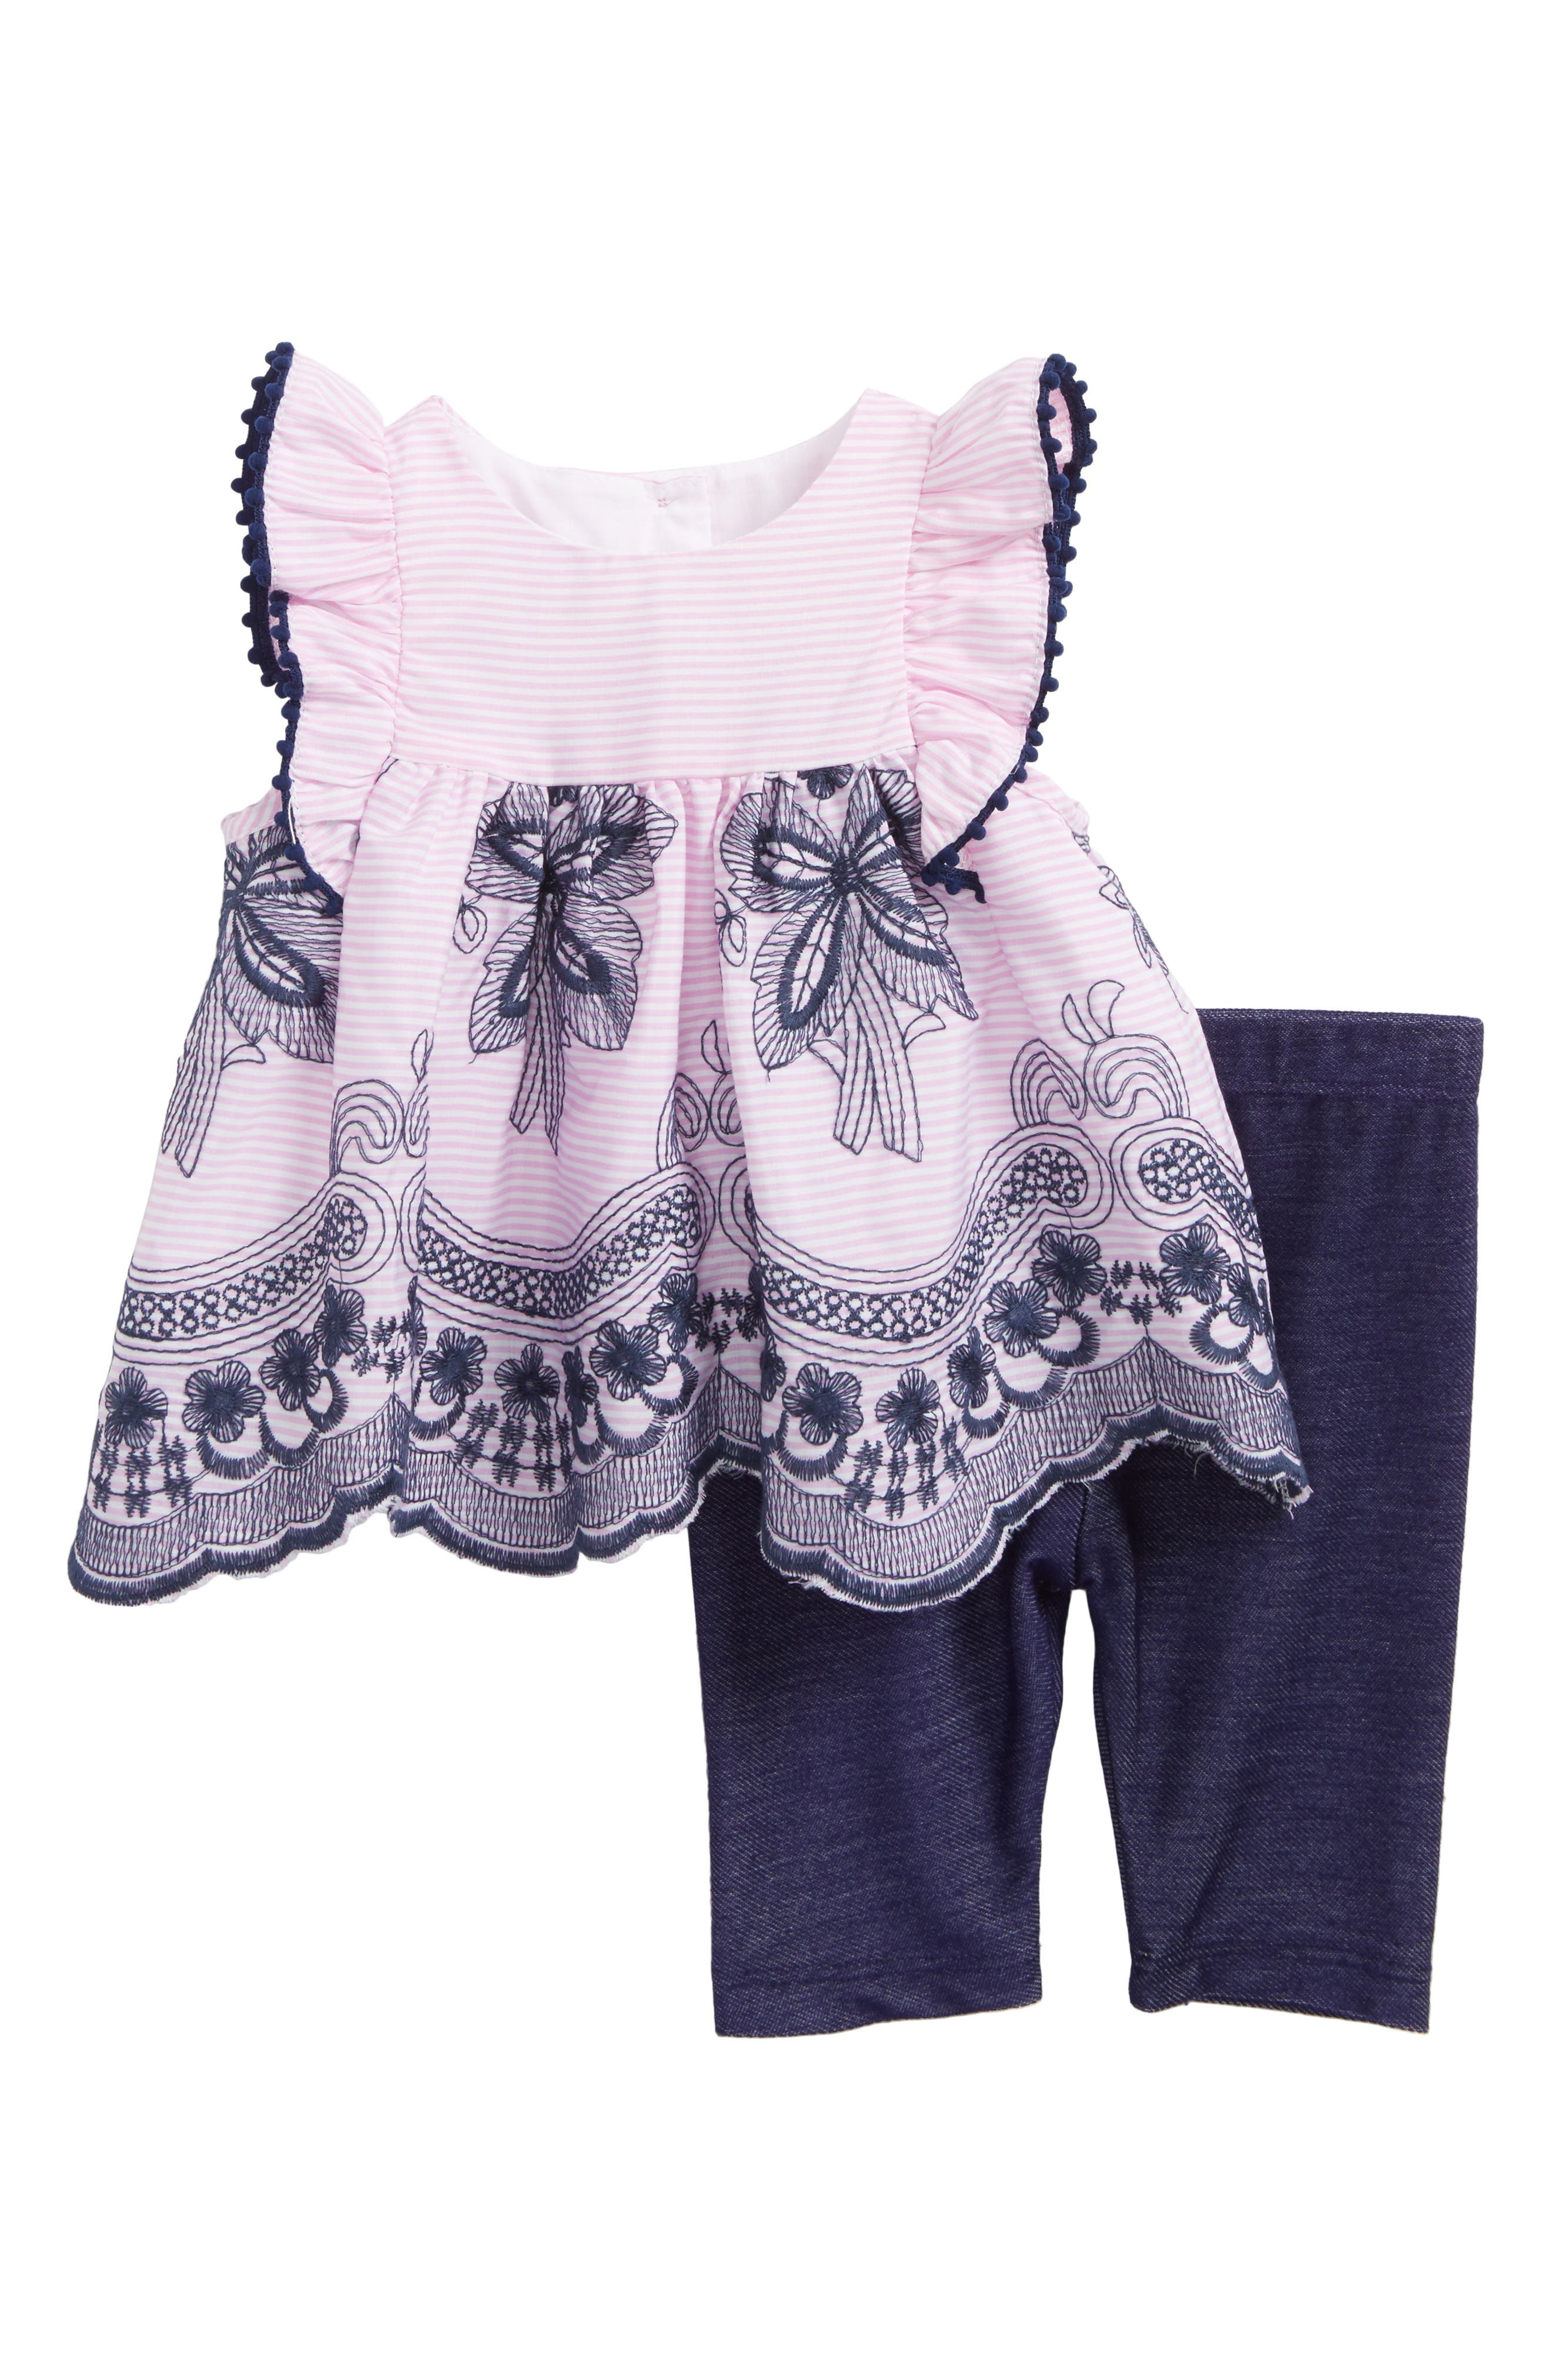 Main Image - Pippa & Julie Flutter Sleeve Dress & Leggings (Baby Girls)